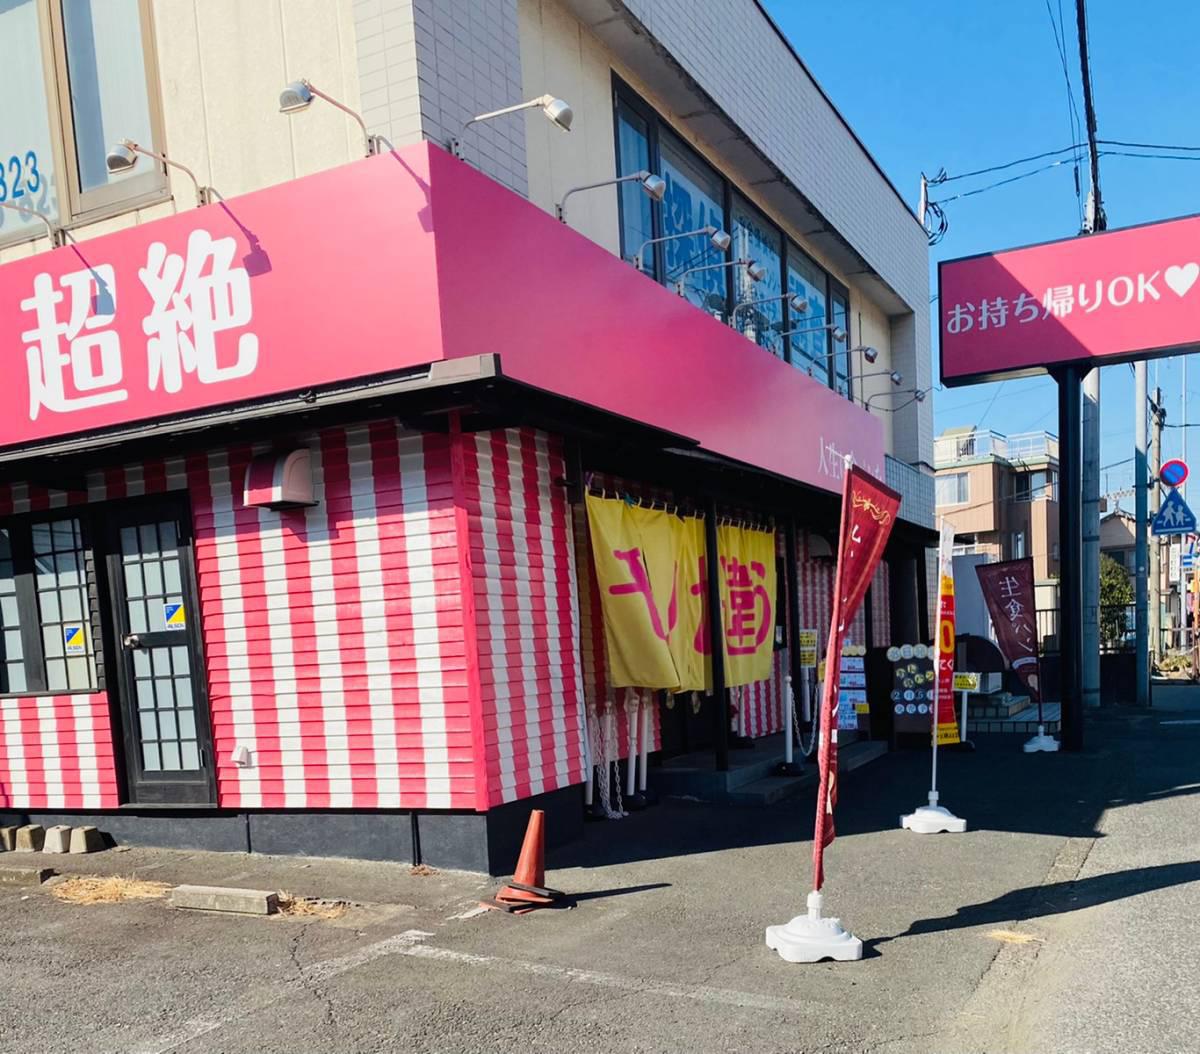 北区東大成町高級食パン専門店『モノが違う』で食パン『ケタ違いの朝』買って食べてみた。